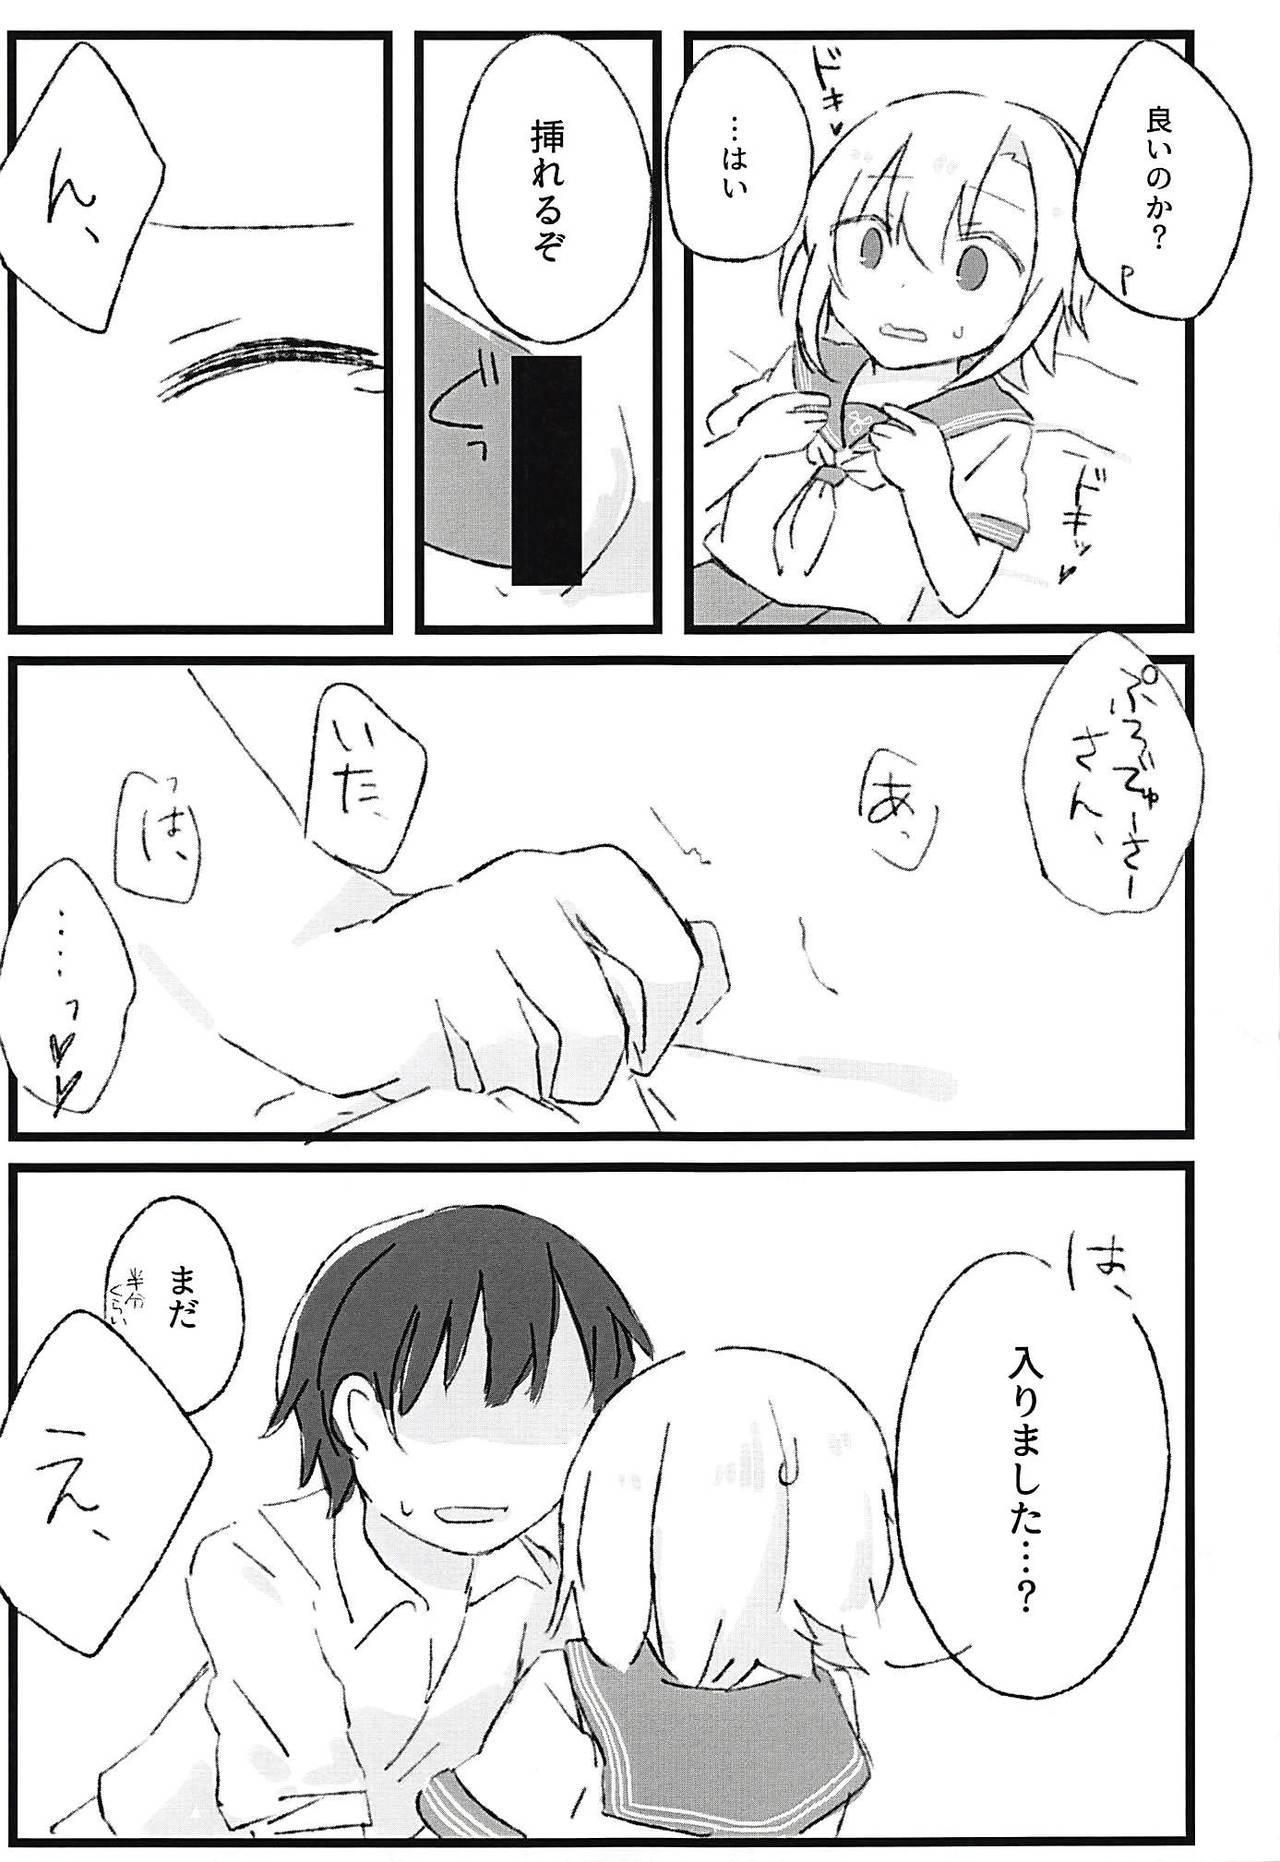 Seifuku Riina to Ecchi na Koto ga Shitai 5